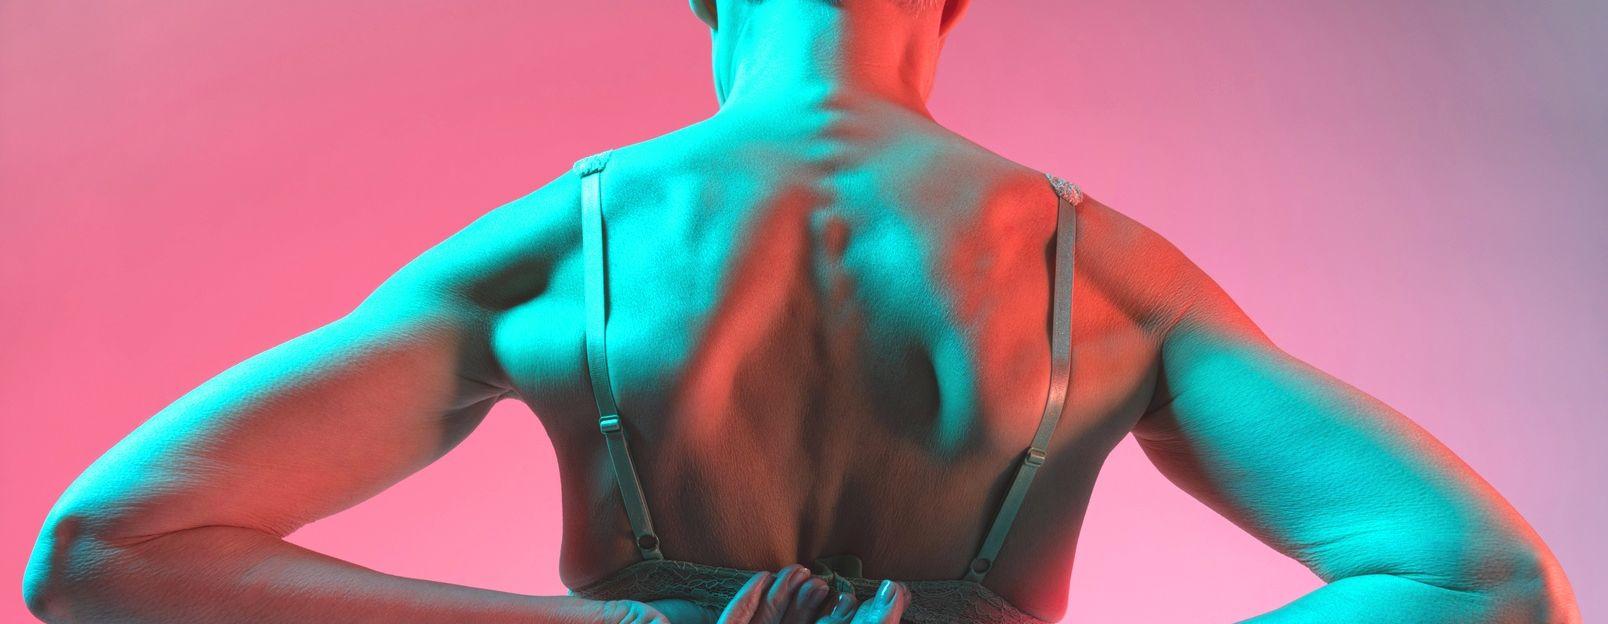 Pérdida de masa muscular: causas, efectos y tratamiento - Featured image